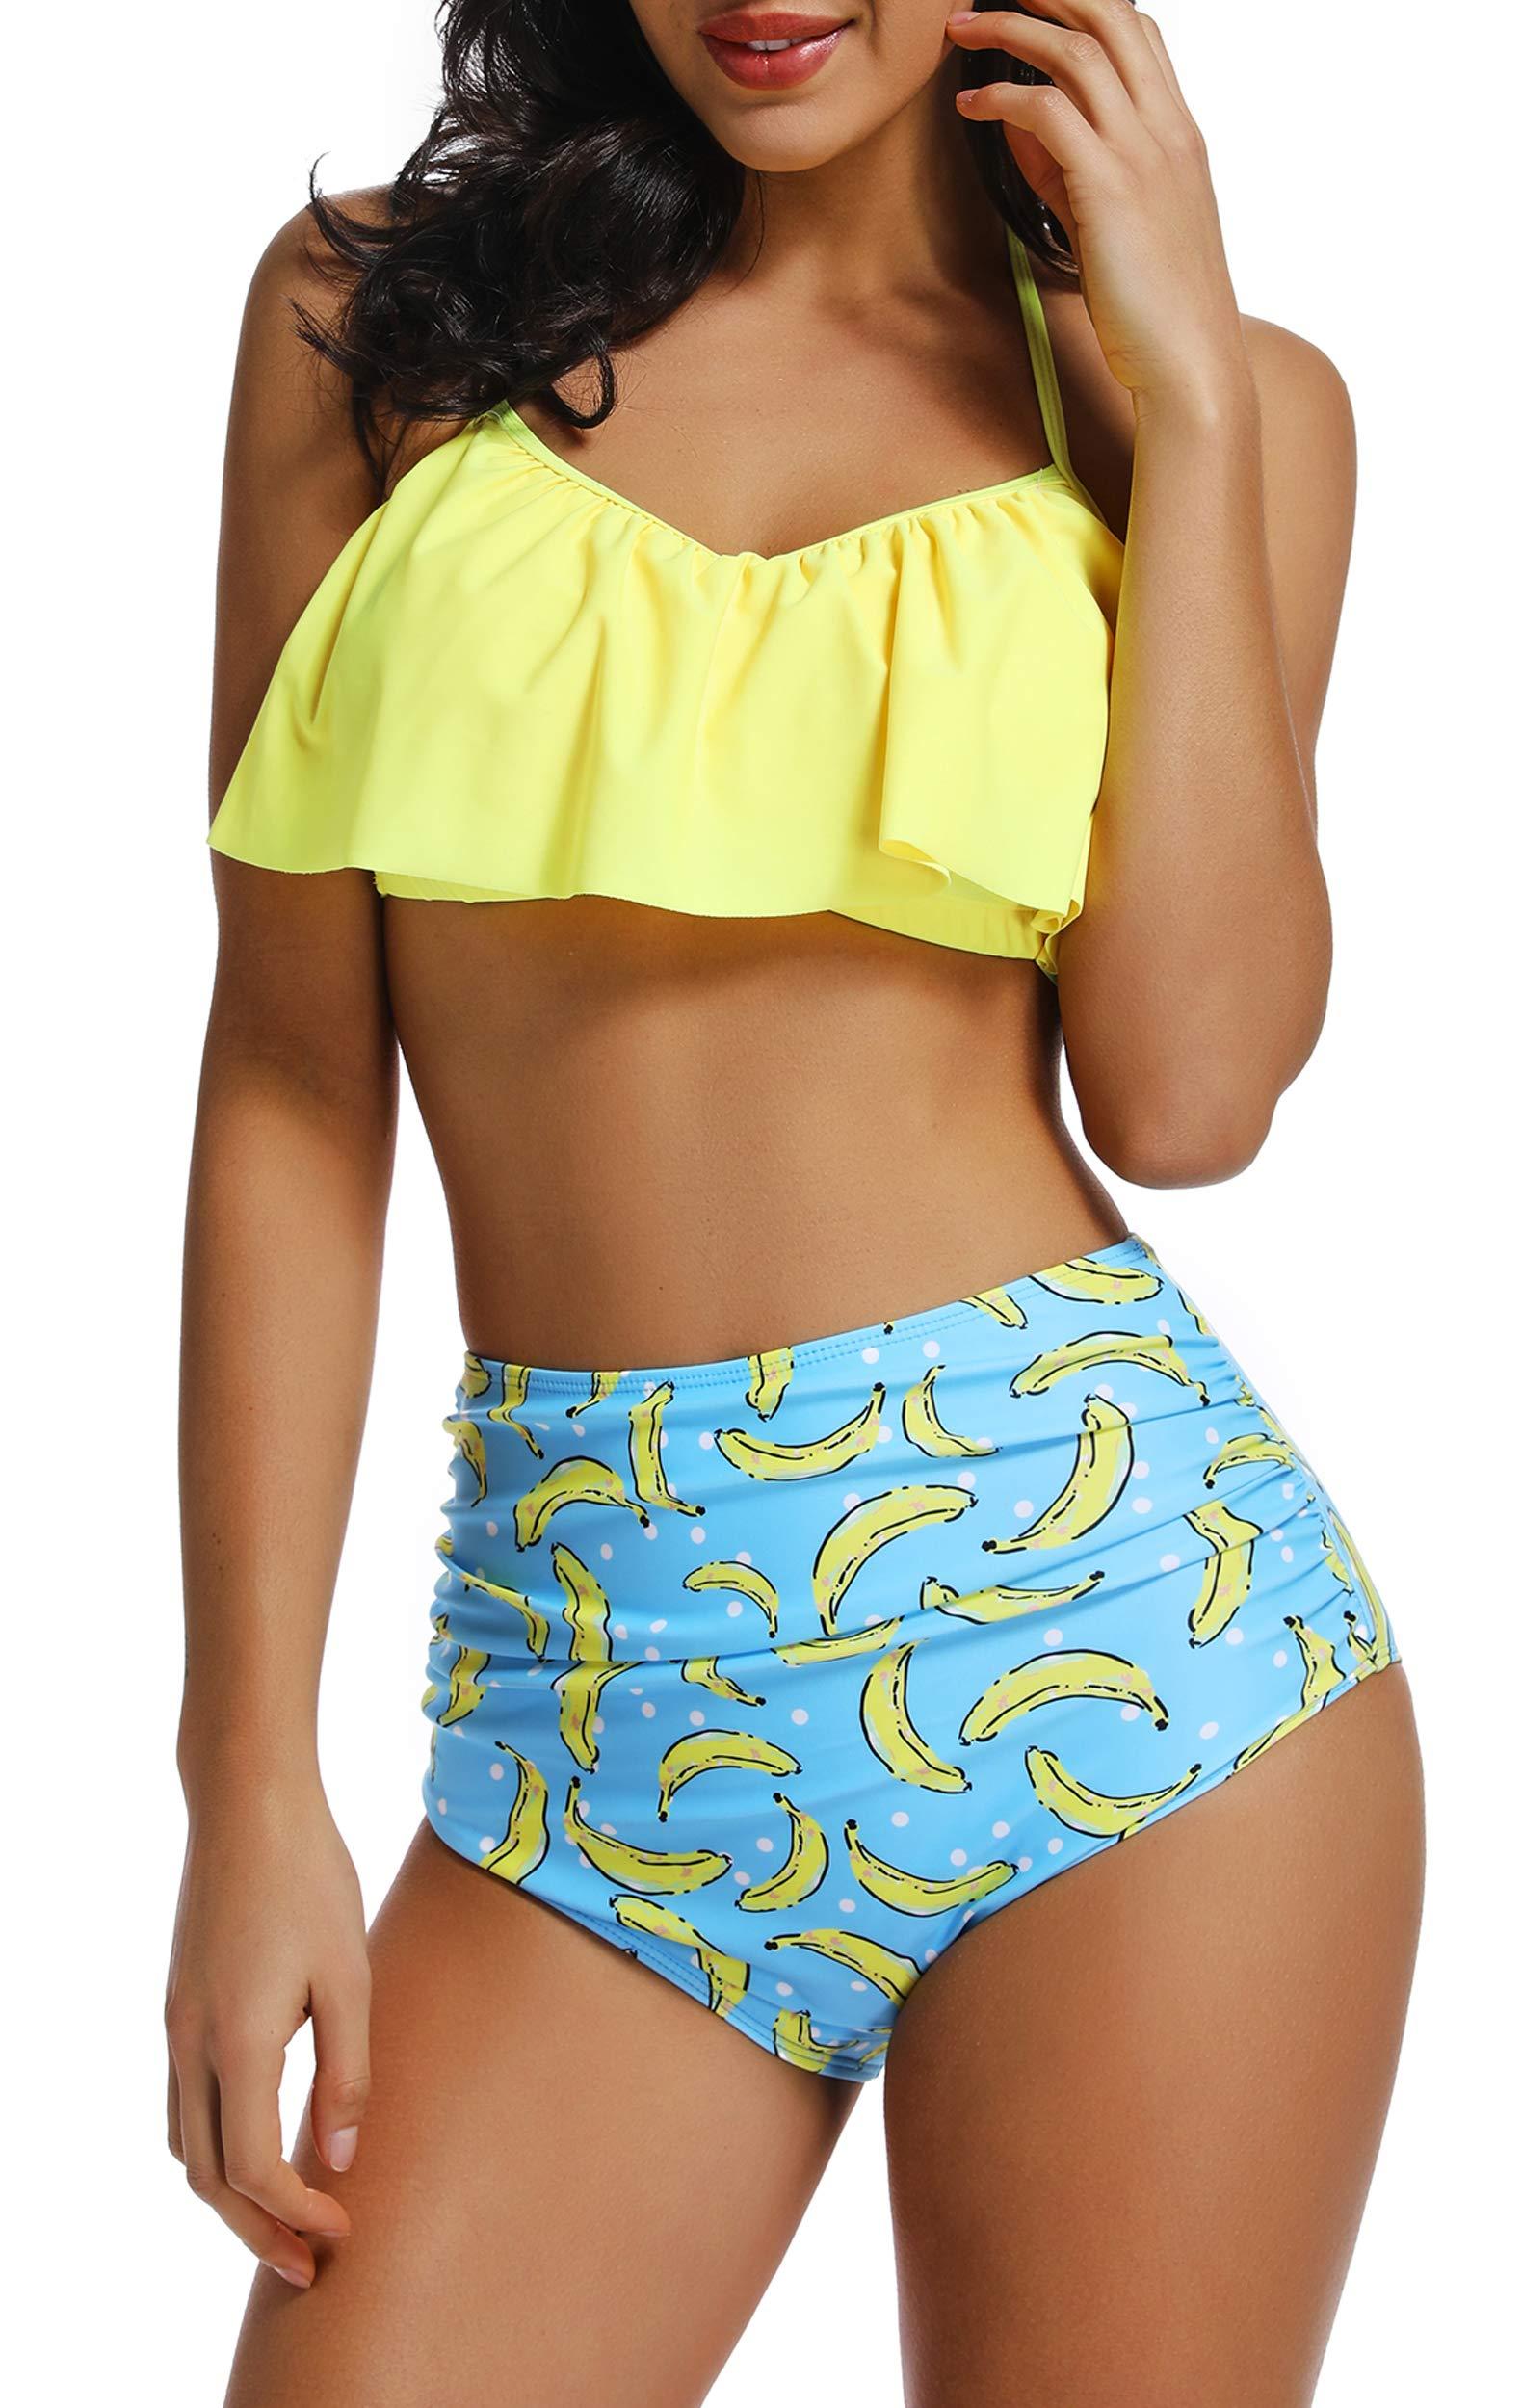 acquisto economico af0c2 b2a6a INSTINNCT Costume da Bagno Bikini Volant Donna a 2 Pezzi con Vita Alta  Vintage Push Up Balze Ruffled Mare Mutande Reggiseno Swimwear - FACESHOPPING